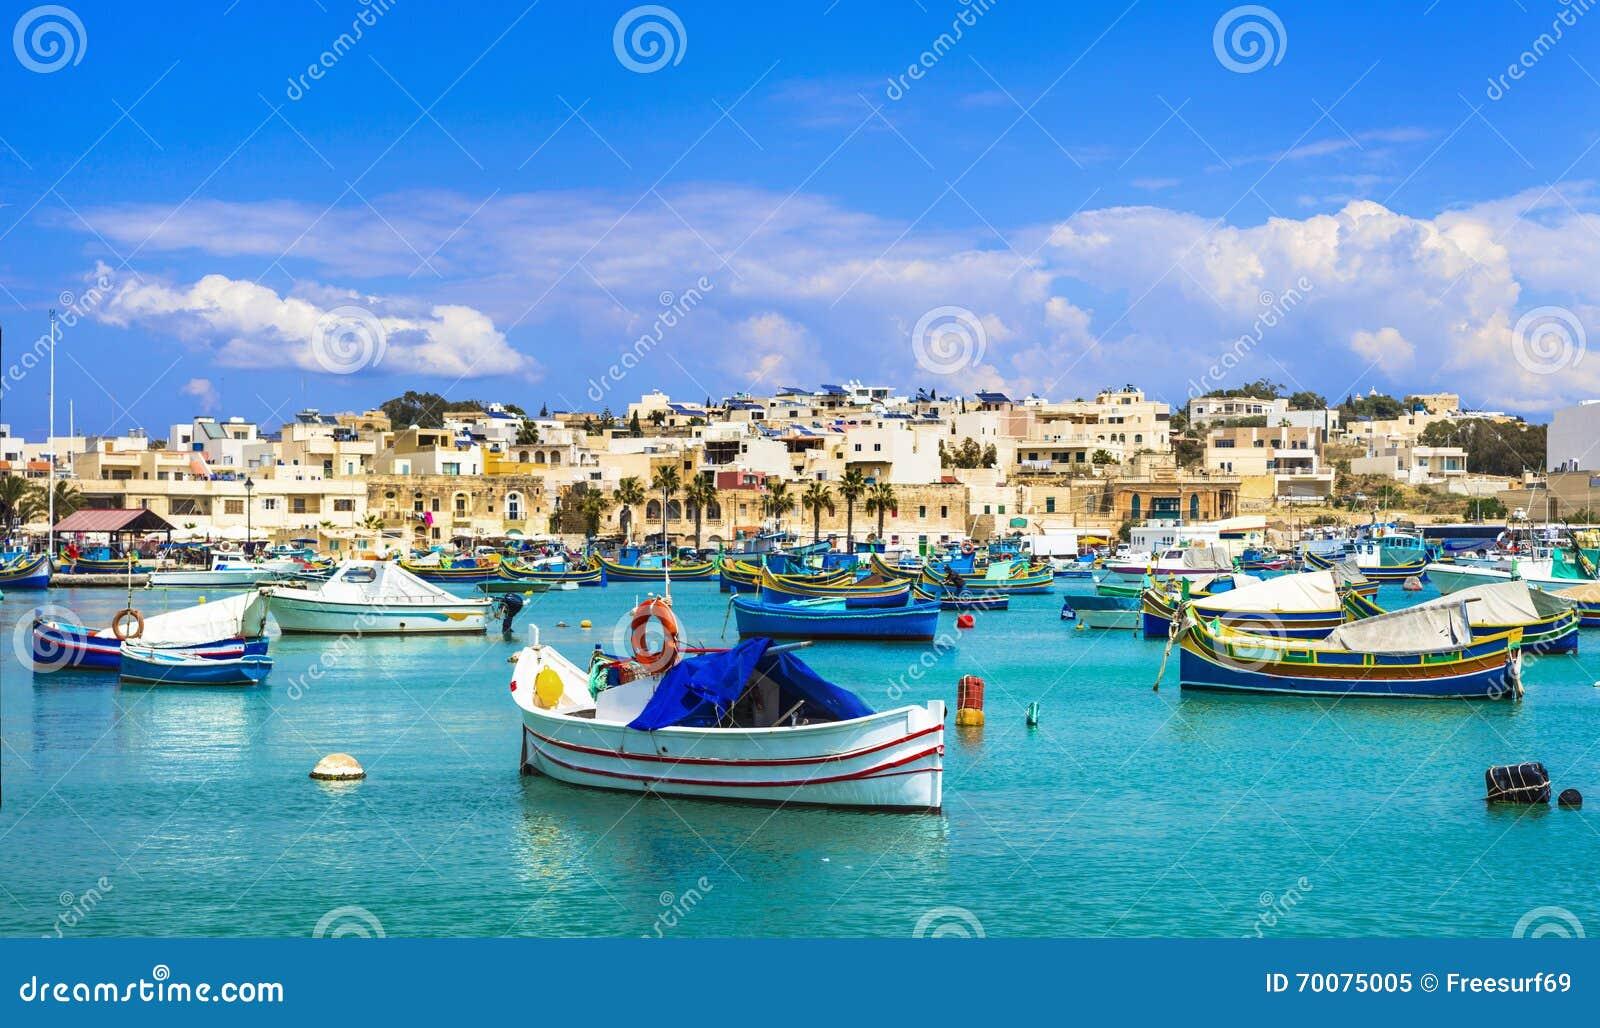 Village de Marsaxlokk avec les bateaux de pêche colorés traditionnels Luzzu